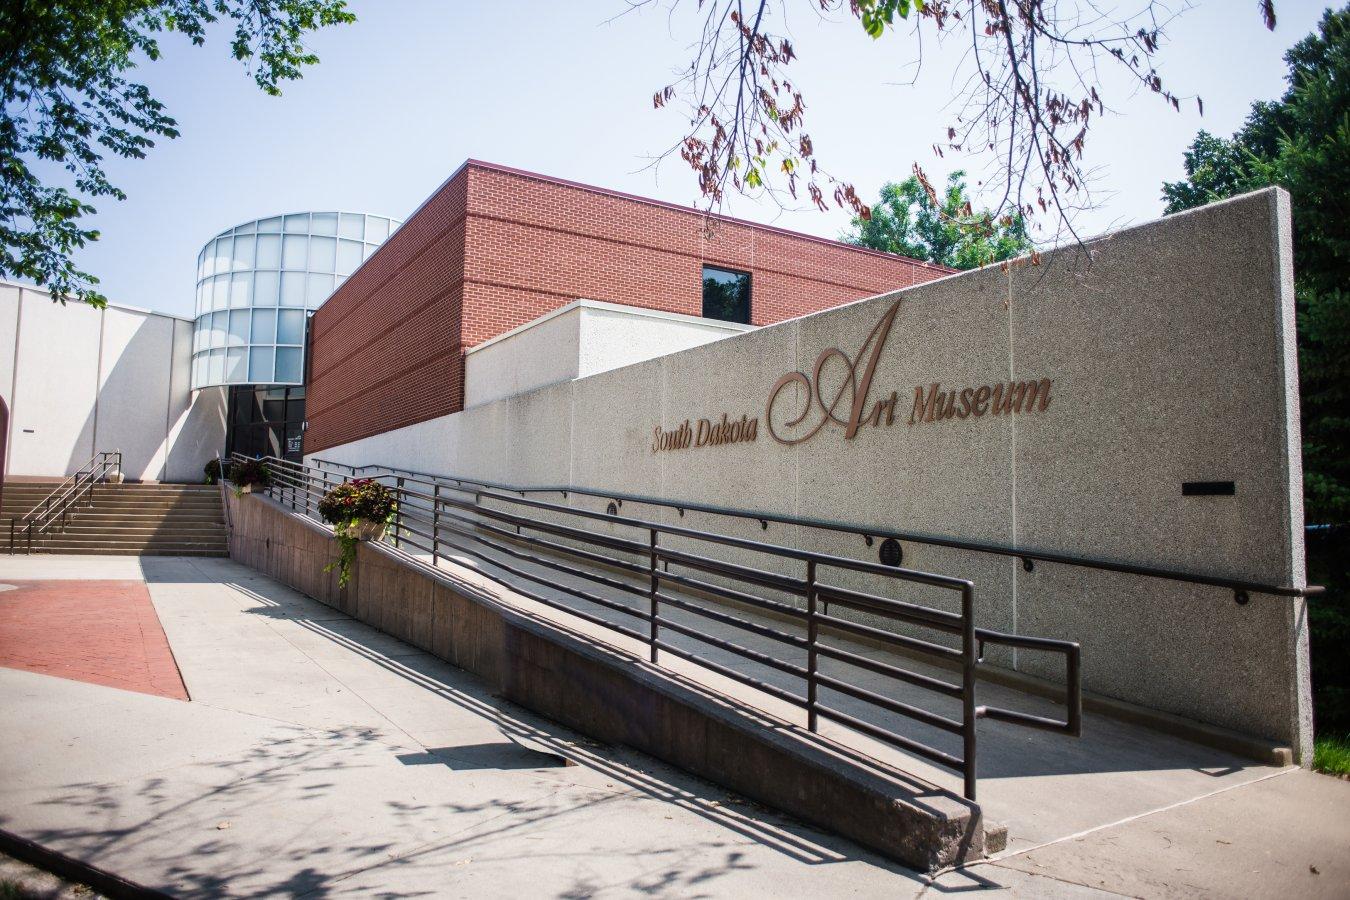 South Dakota Art Museum | South Dakota State University